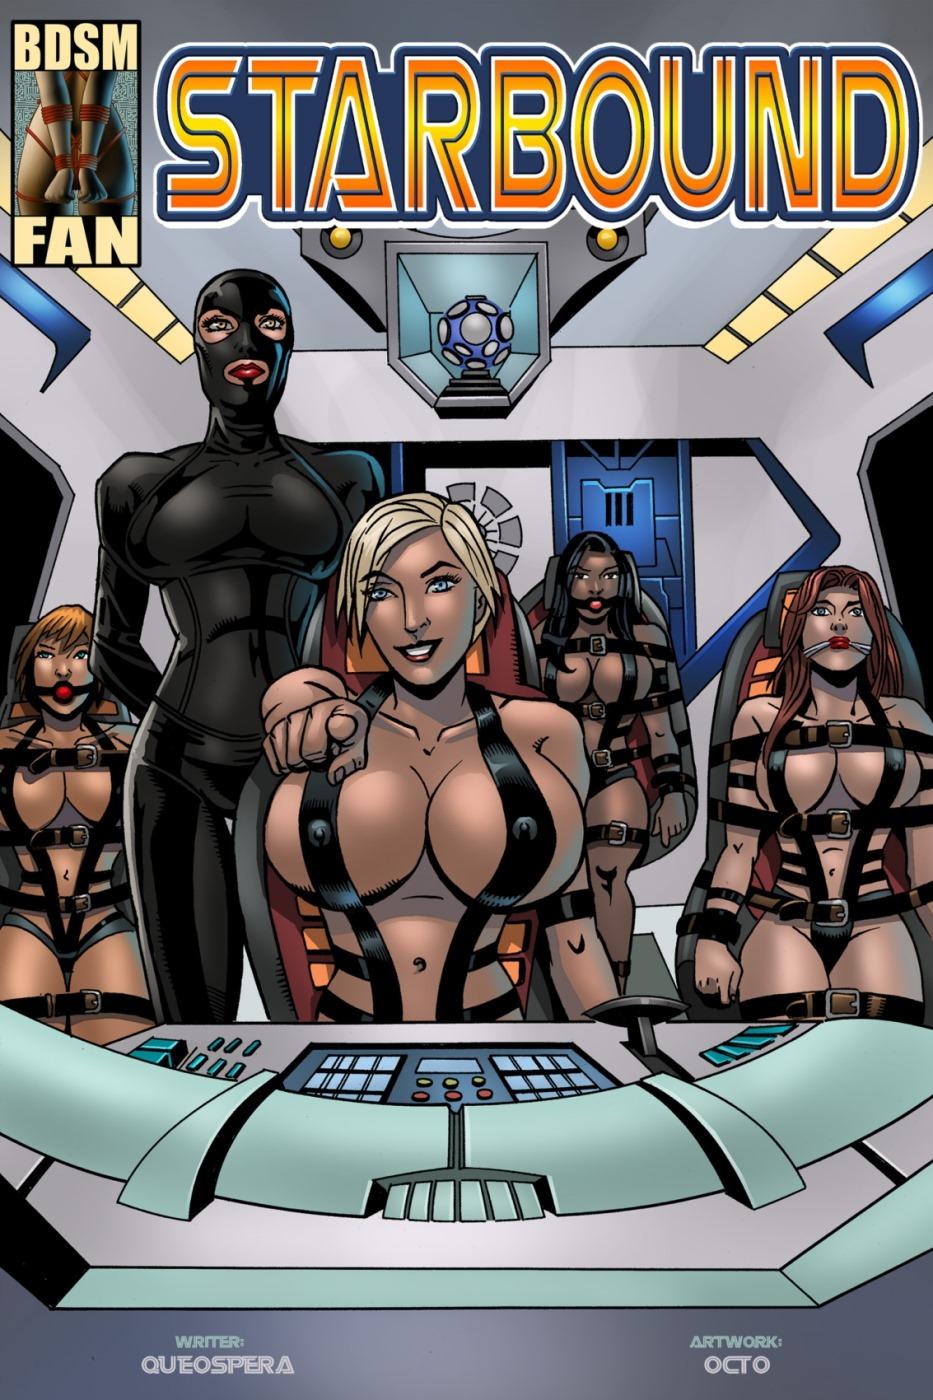 Bdsm Cartoon Porn Pics